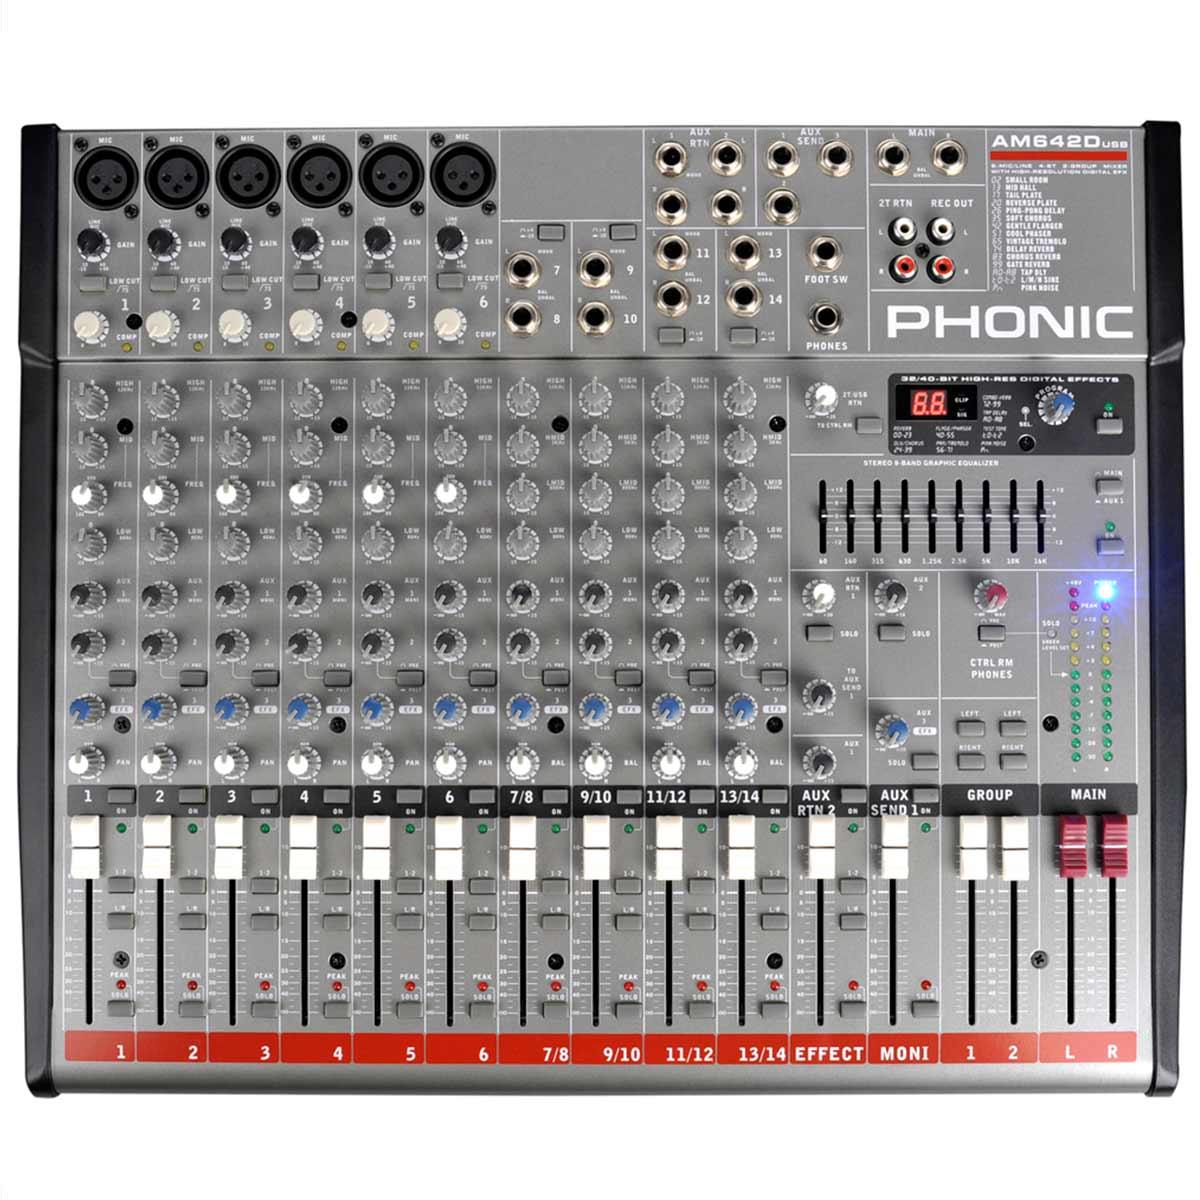 AM642DUSB - Mesa de Som / Mixer 14 Canais AM 642 D USB - Phonic